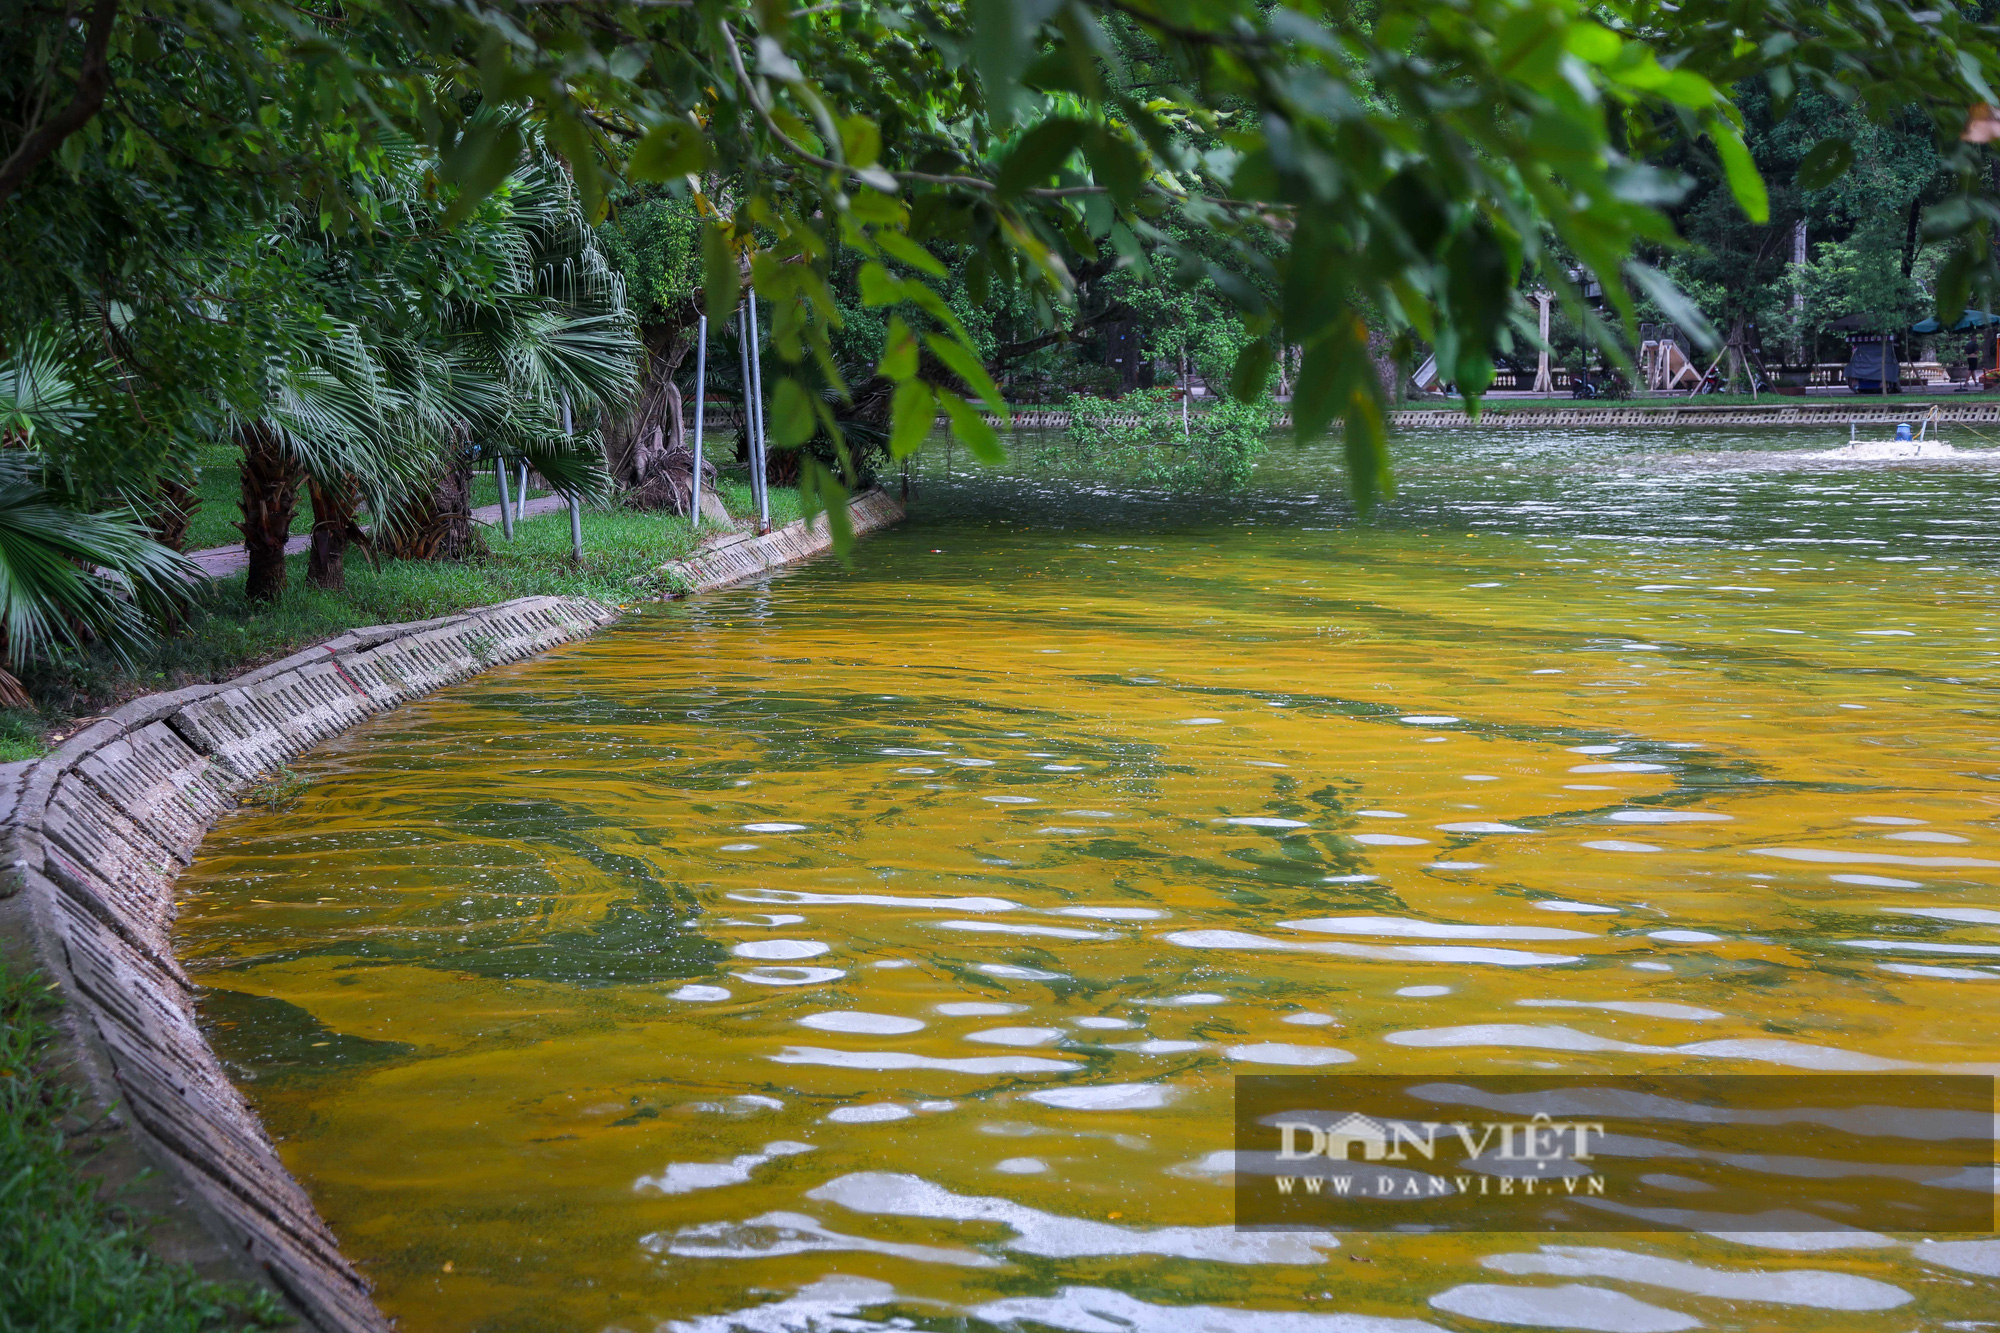 Hà Nội: Mặt nước hồ Bách Thảo bất ngờ chuyển màu vàng lạ mắt - Ảnh 3.